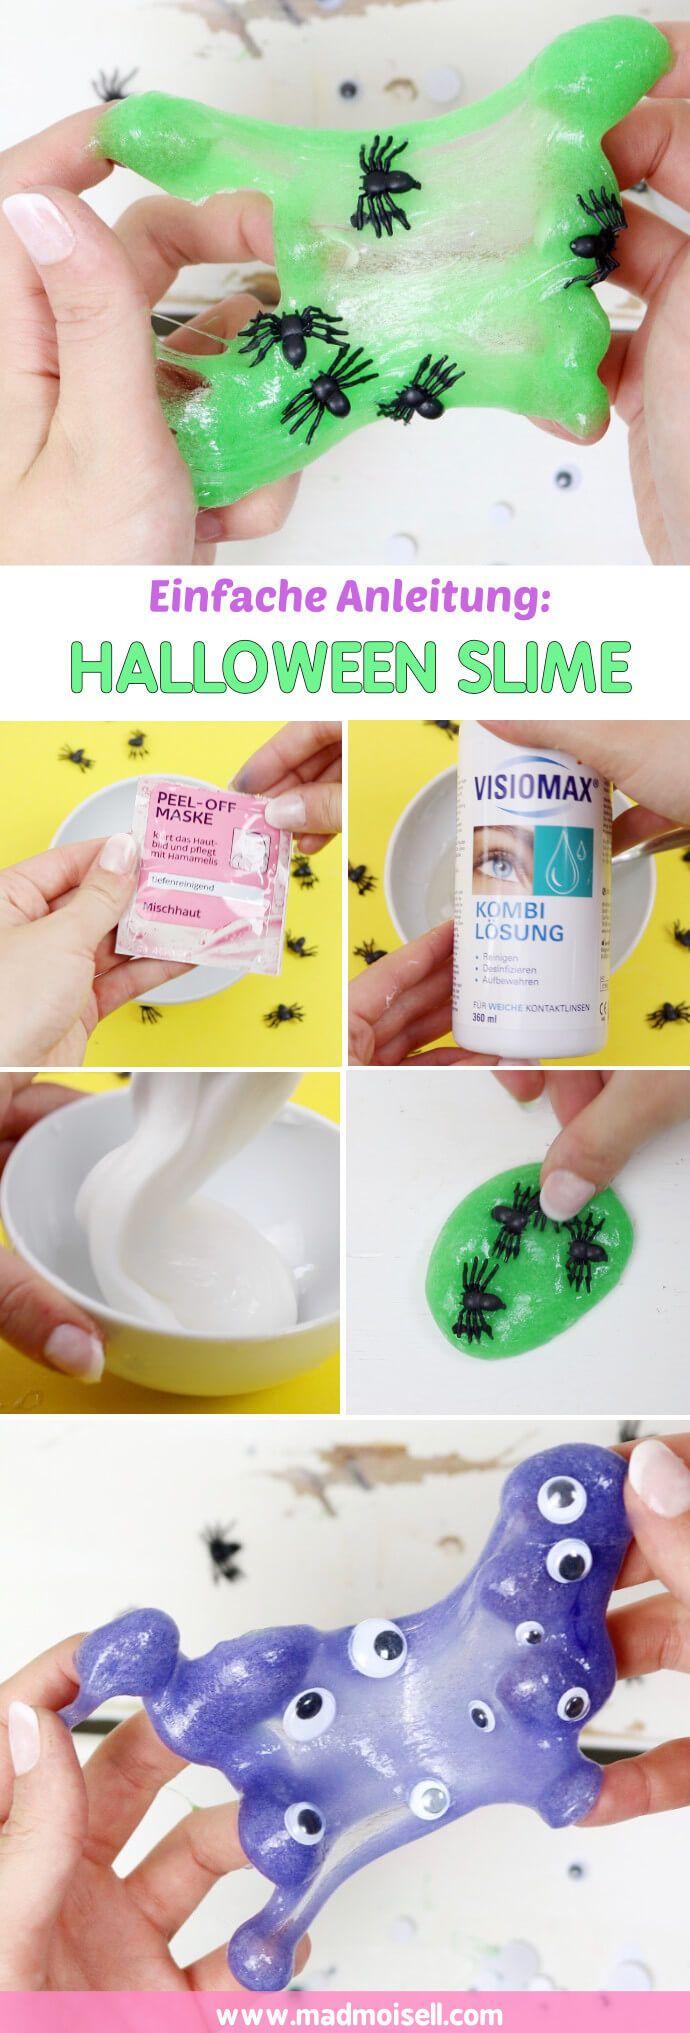 DIY Slime selber machen – 2 einfache Anleitungen für Halloween Für Halloween finde ich Slime aber eine wirklich coole Idee, man könnte damit z.B. den Tisch dekorieren oder die Party-Gäste damit erschrecken. Jetzt, wo ich Slime einmal ausprobiert habe, bin ich wirklich süchtig danach geworden! Ehrlich, probiert Slime unbedingt mal aus, auch wenn ihr vielleicht os skeptisch seid, wie ich.